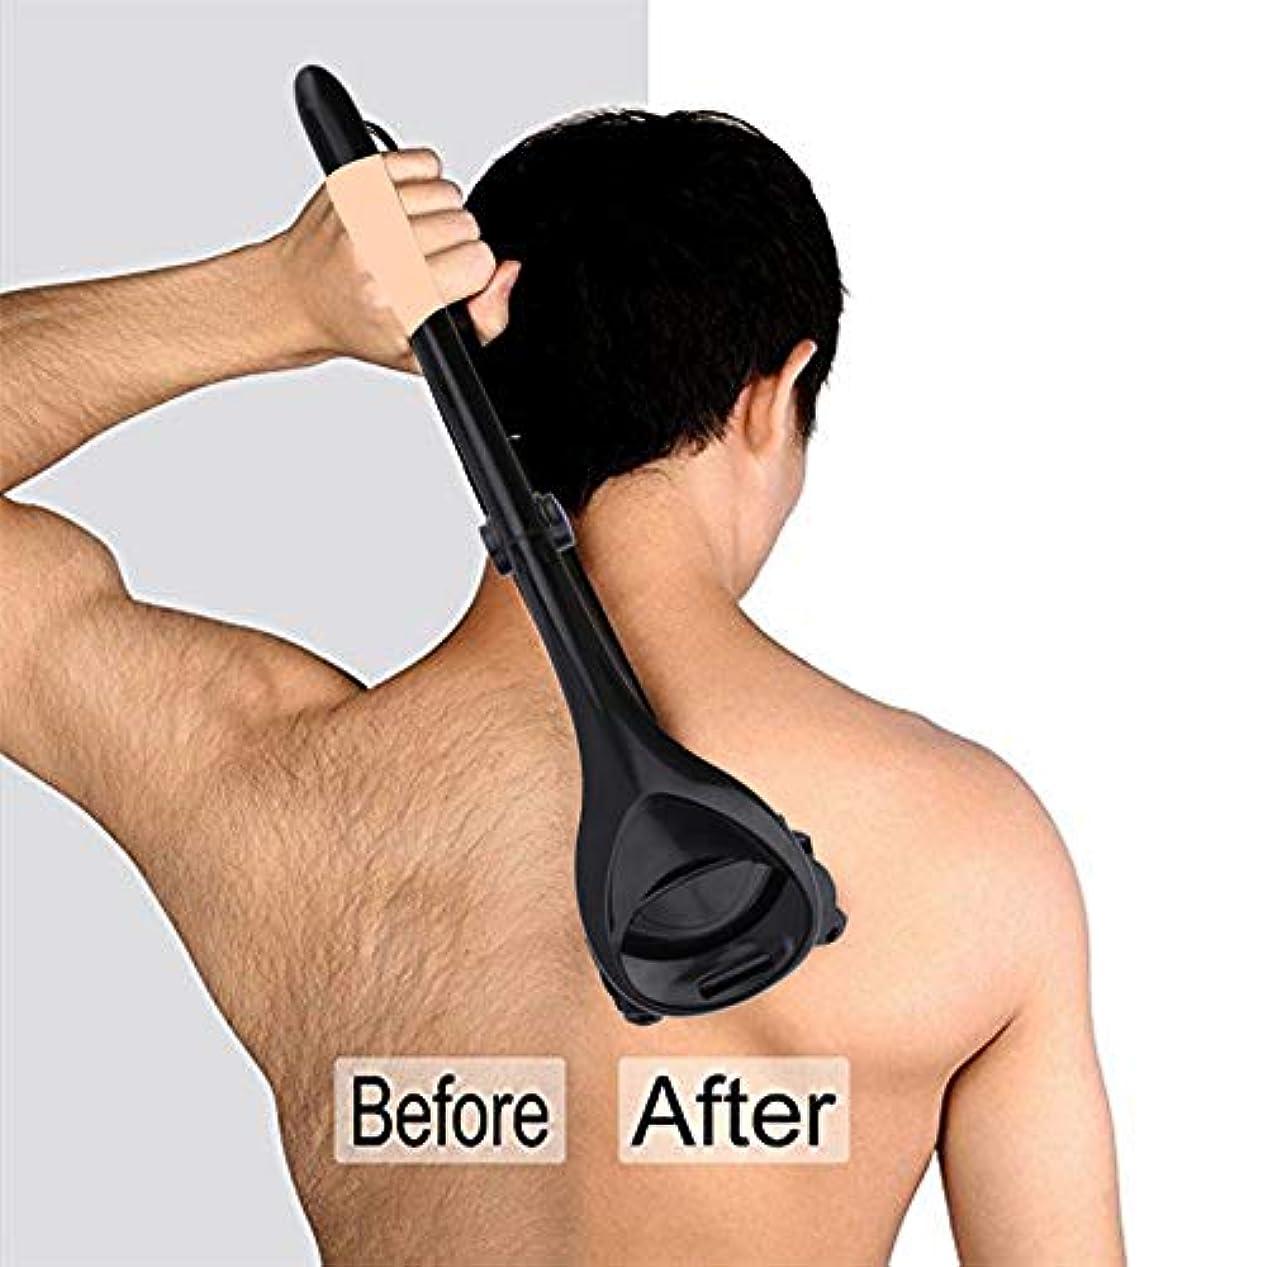 開いた苦難子供時代体の脱毛器男性用手動シェーバーは、全身に適用することができます